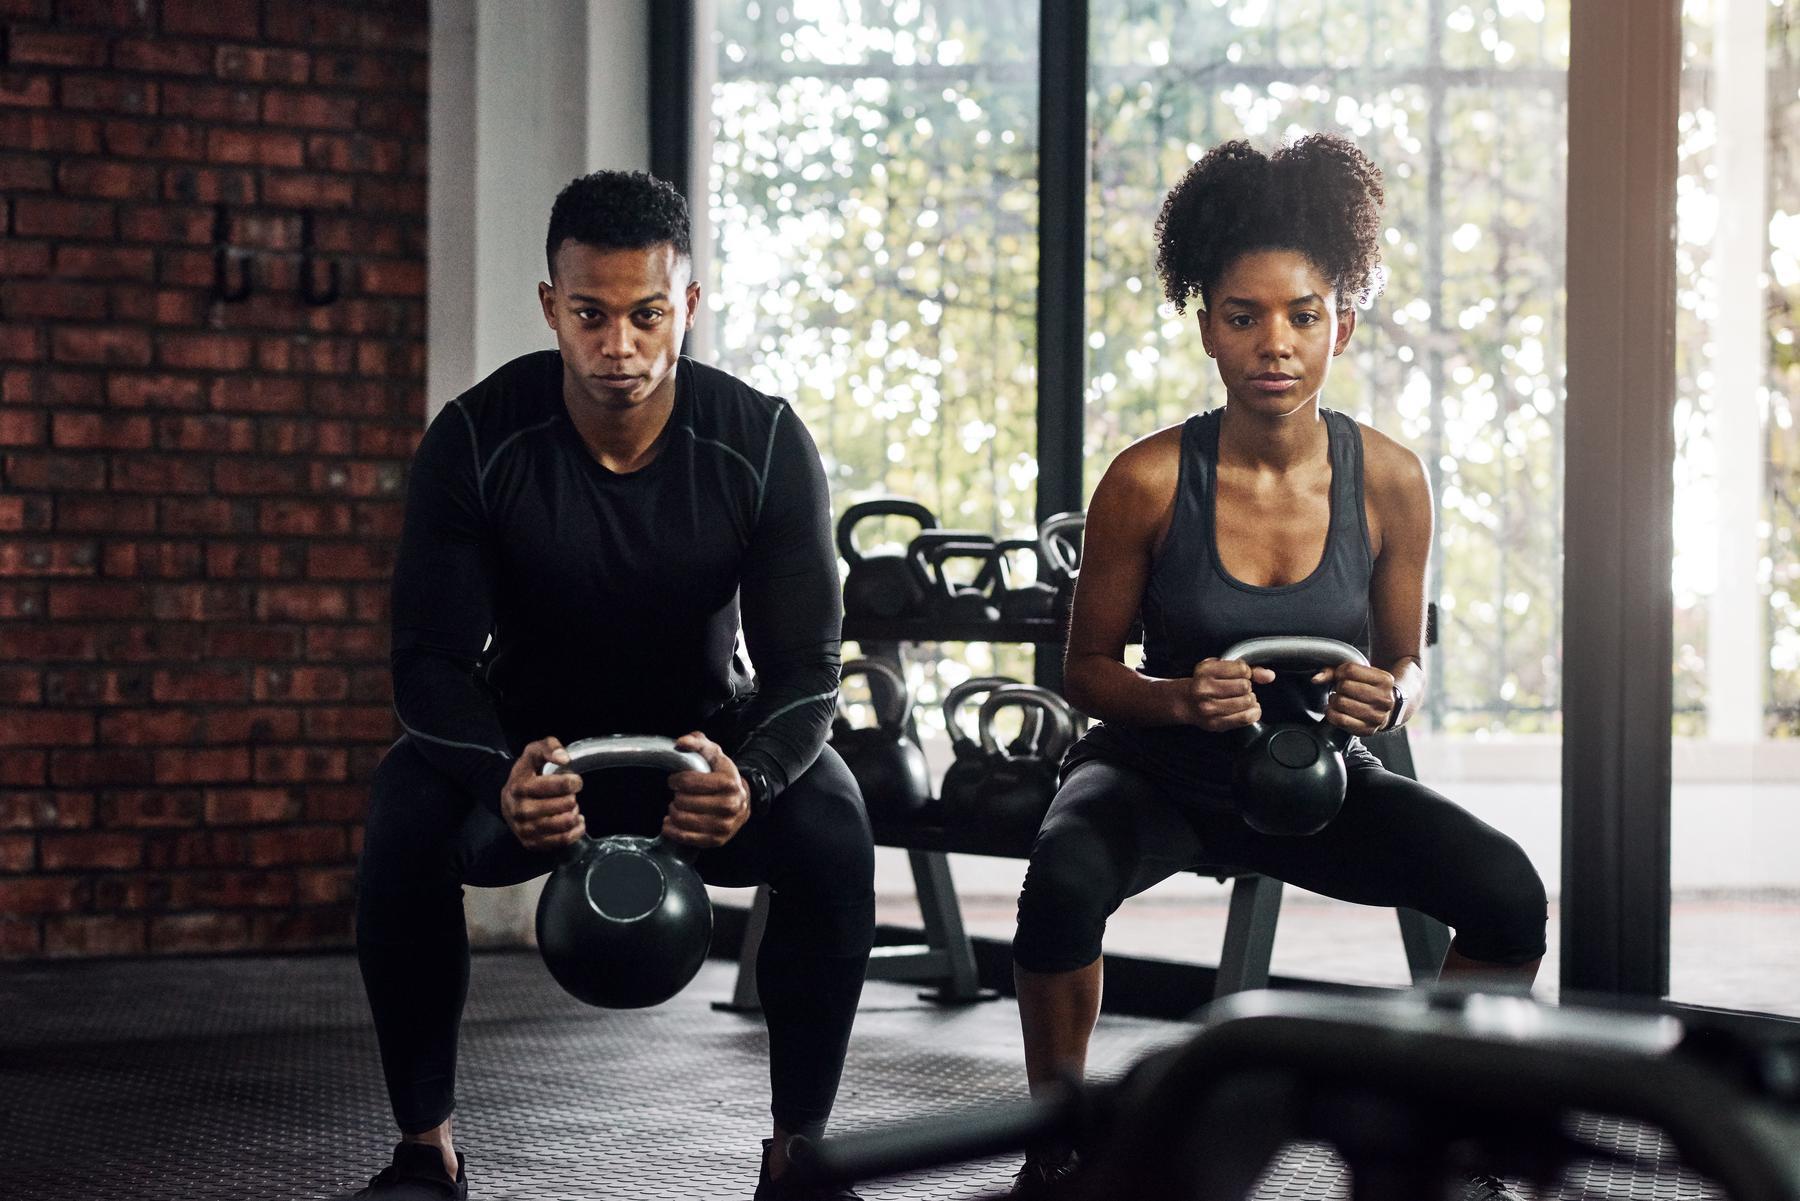 Kettlebell Workout | Die besten 22 Kettlebell-Übungen für jeden Trainingsstand